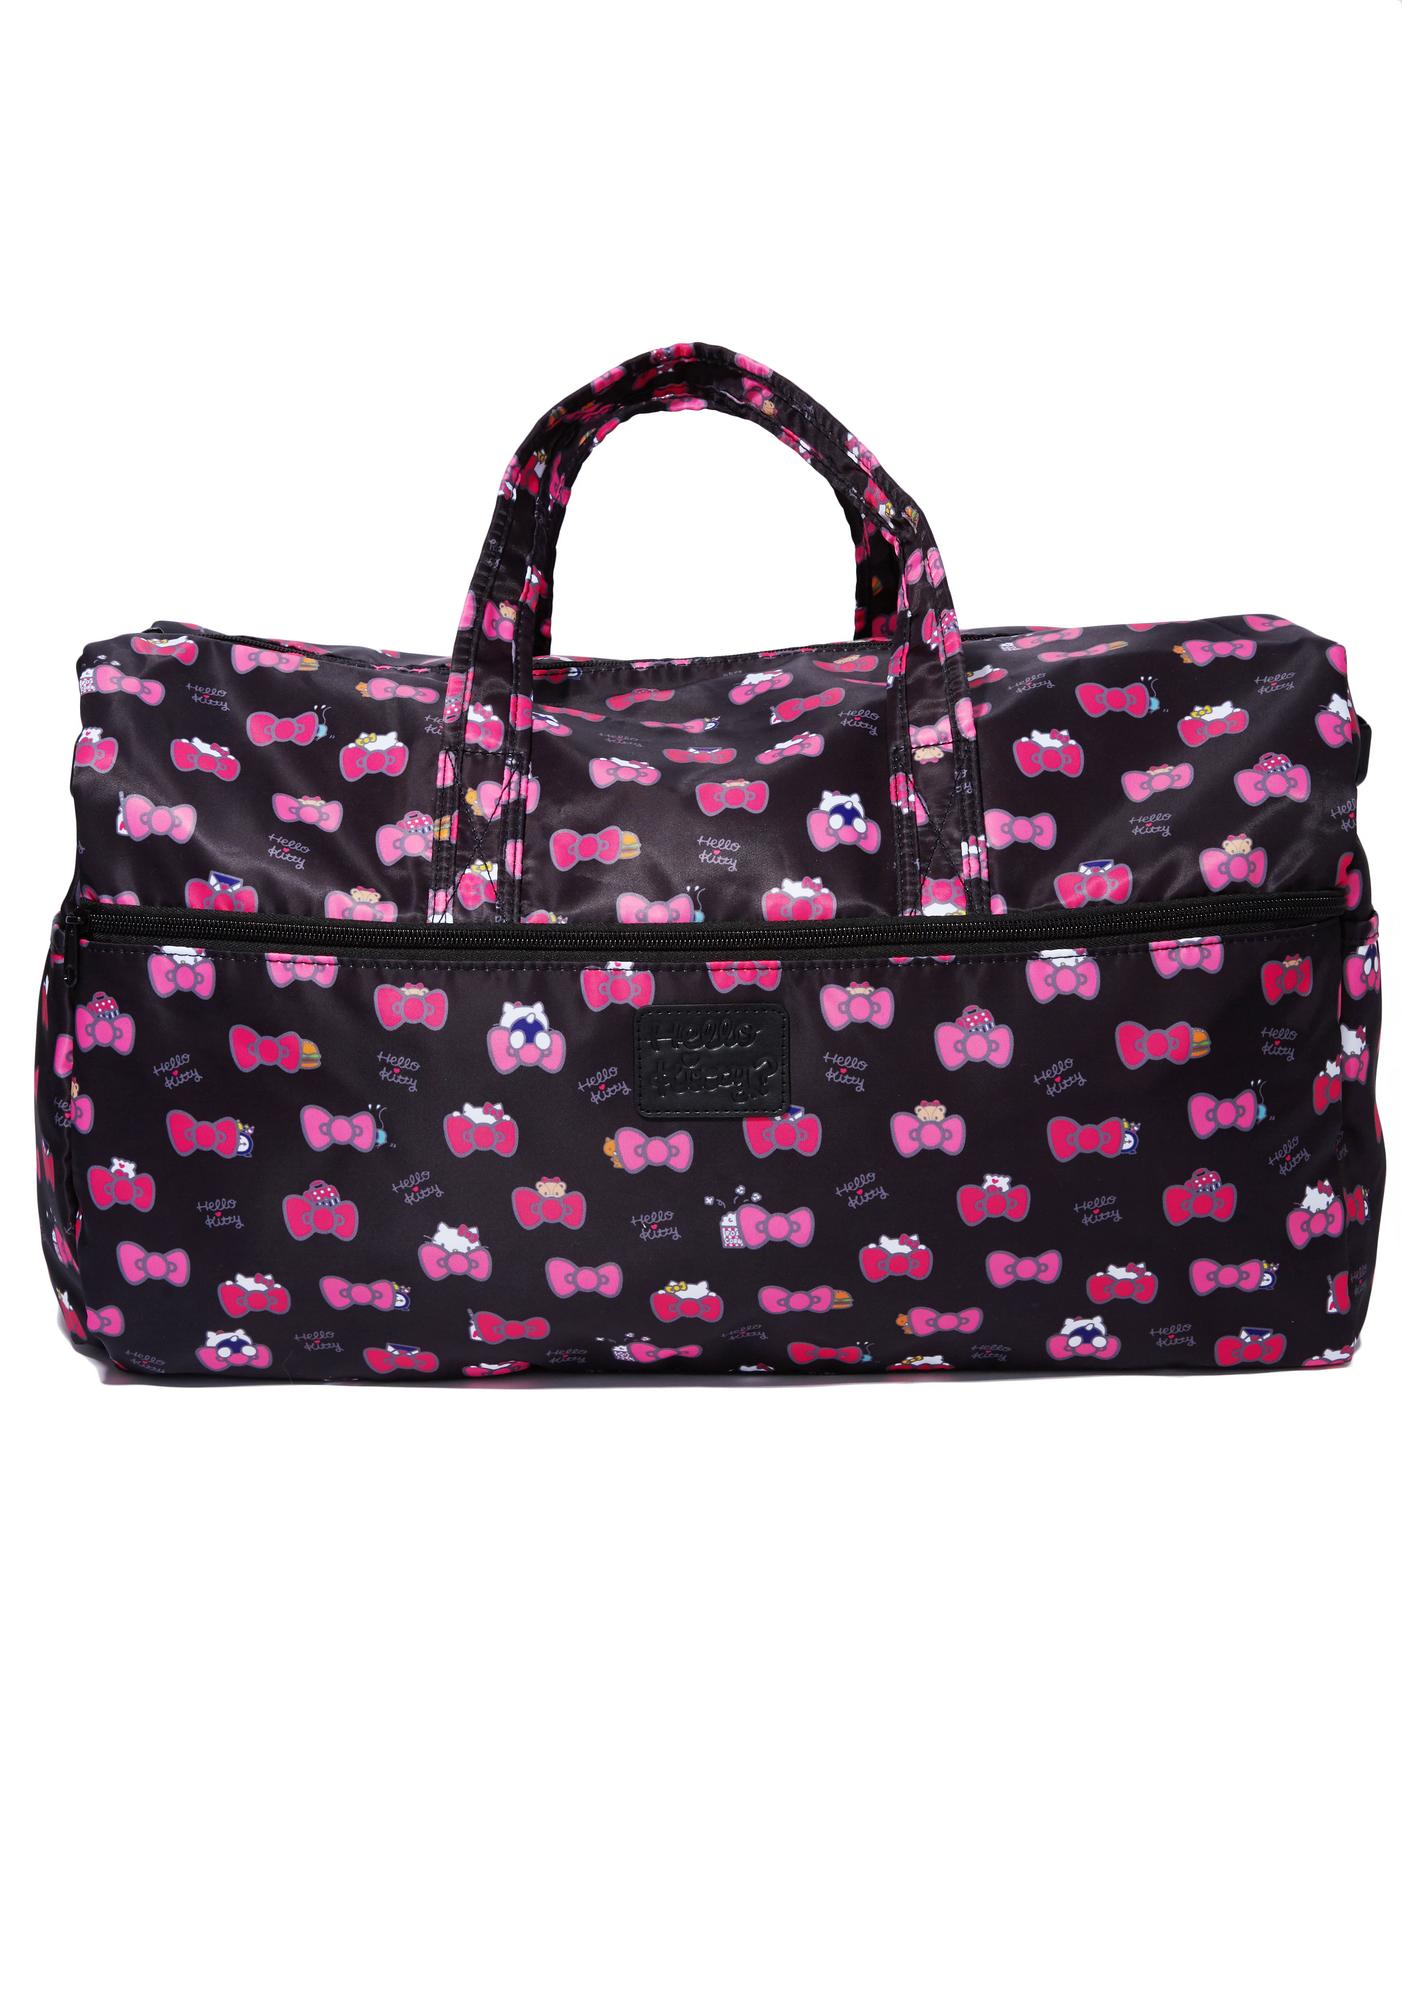 Sanrio Boston Bag